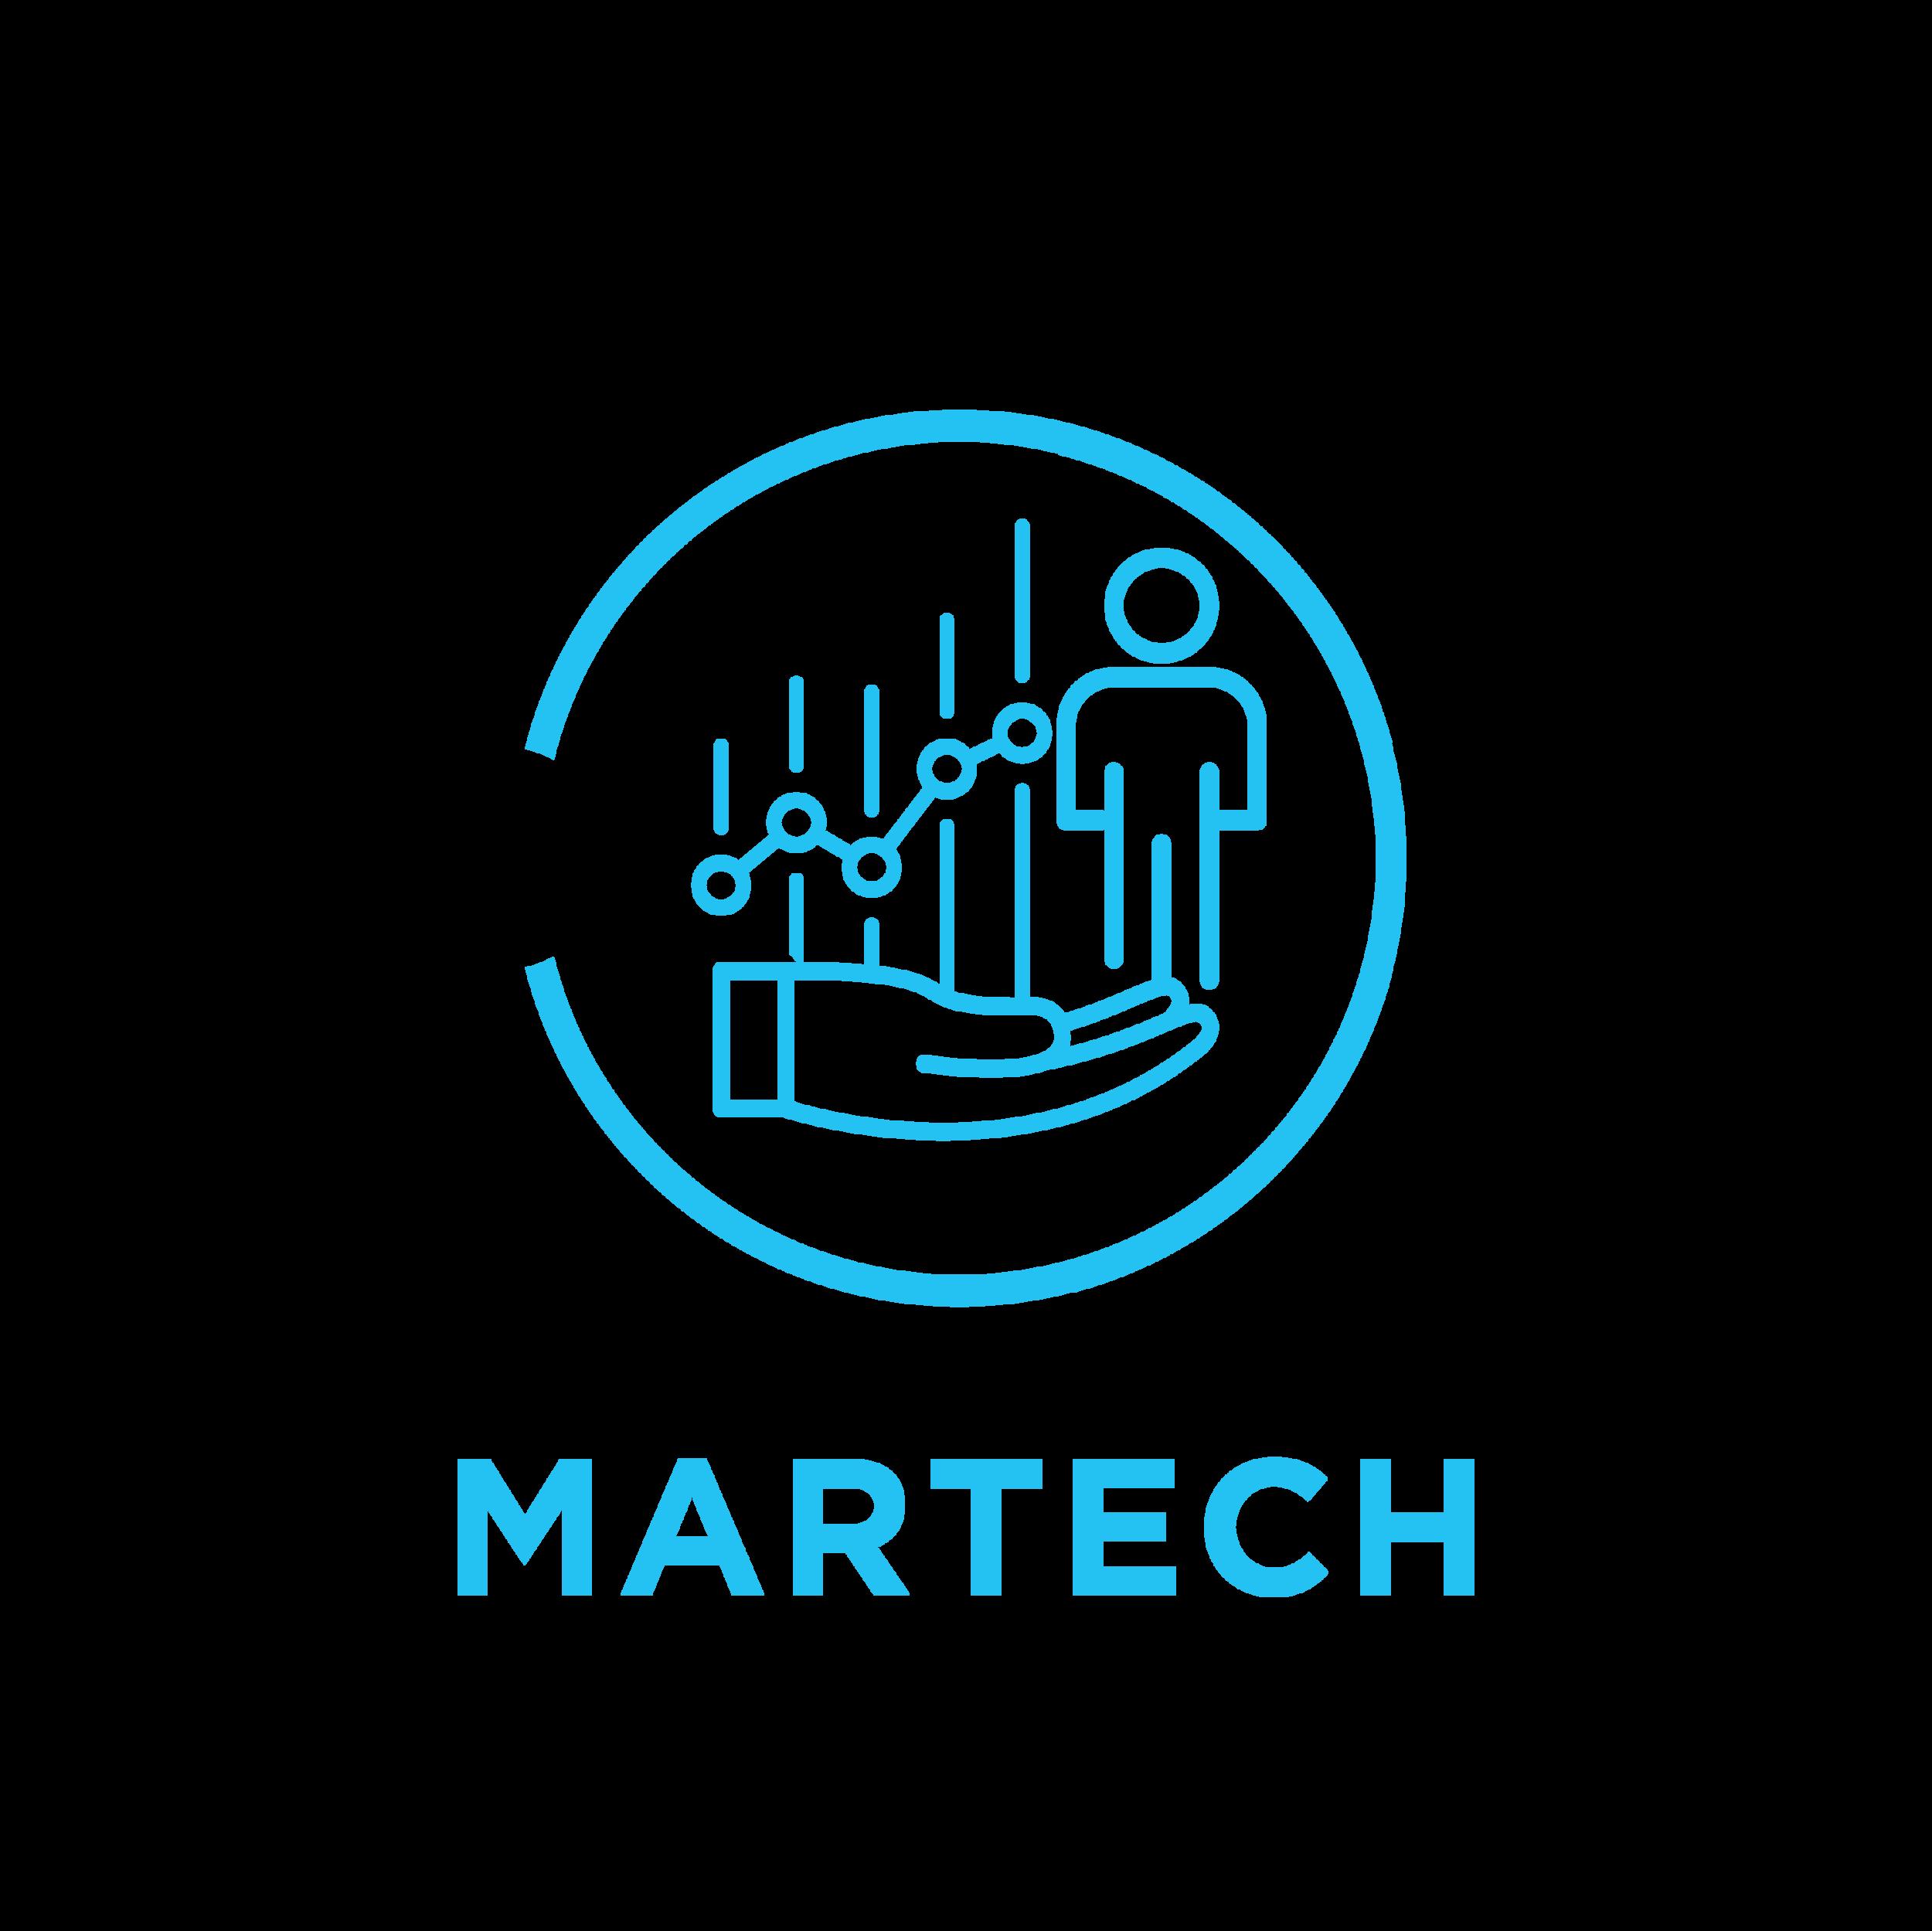 MARTECH BLEND360 SOLUTIONS